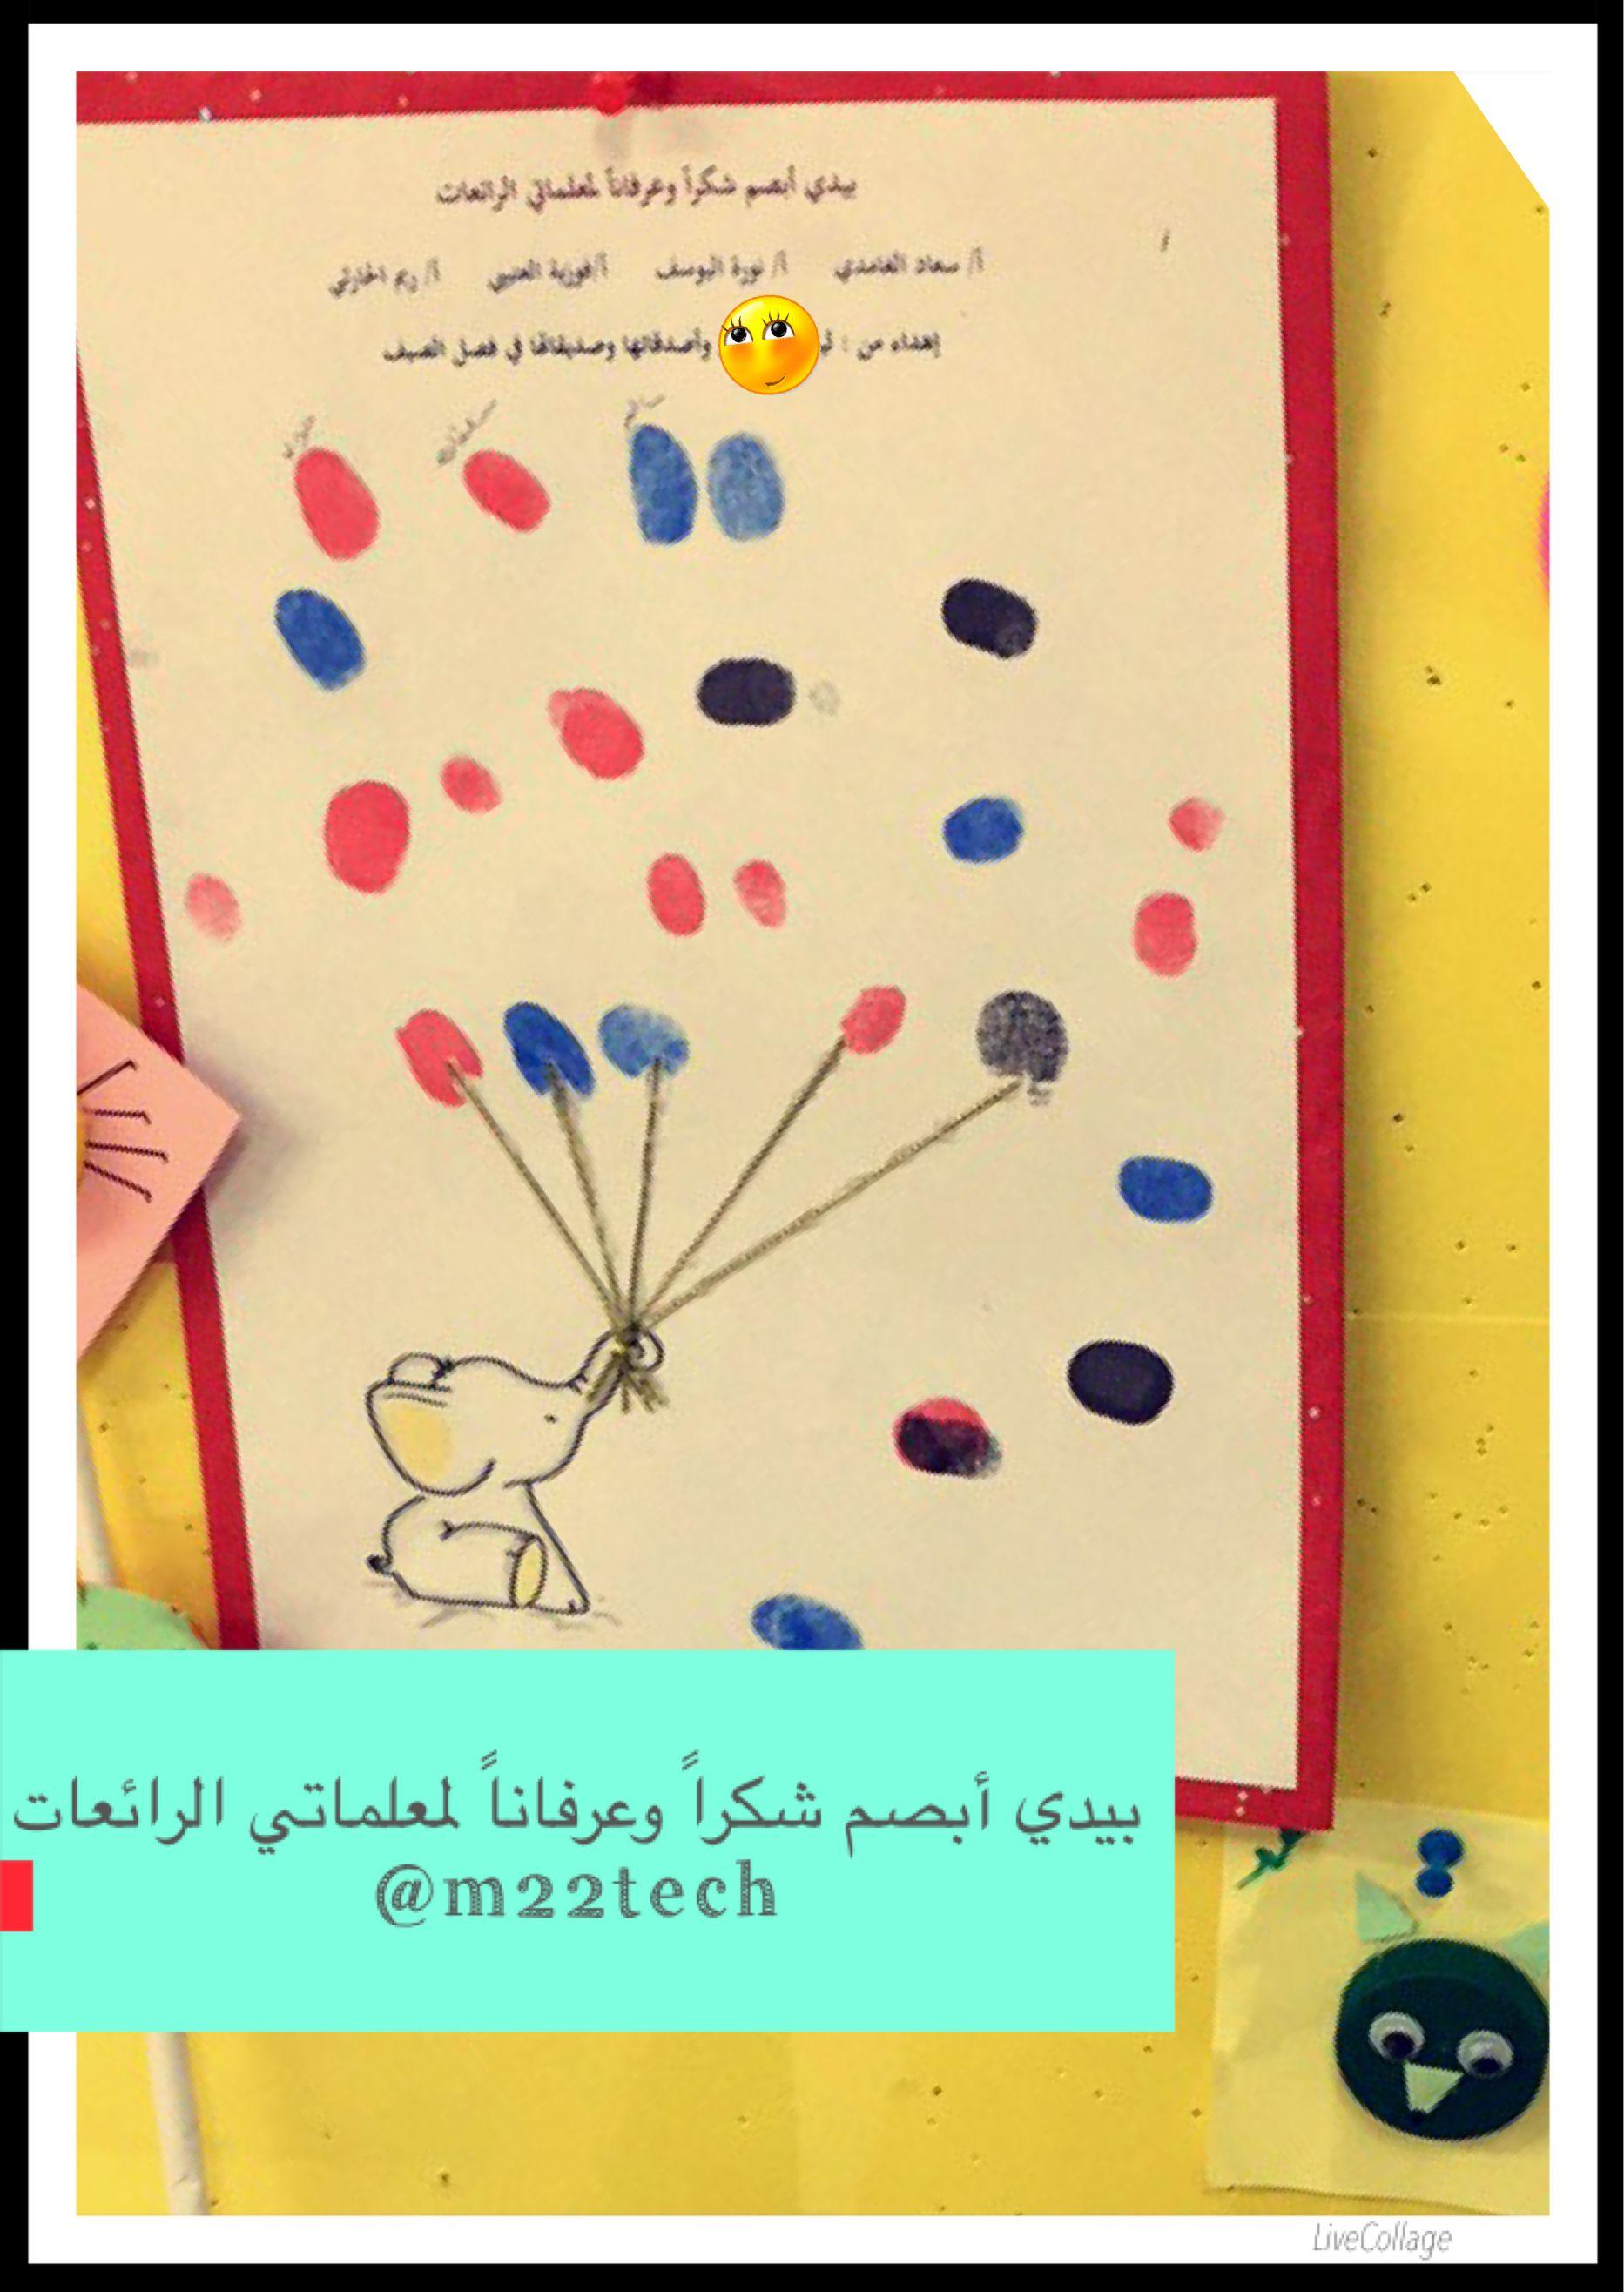 لوحة تم تنفيذها ليبصم فيها الأطفال تعبيرا عن شكرهم وامتنانهم لمعلماتهم تناسب وحدة الأيدي لمرحلة رياض الأطفال النموذج يوجد على الراب Book Cover Cover Books